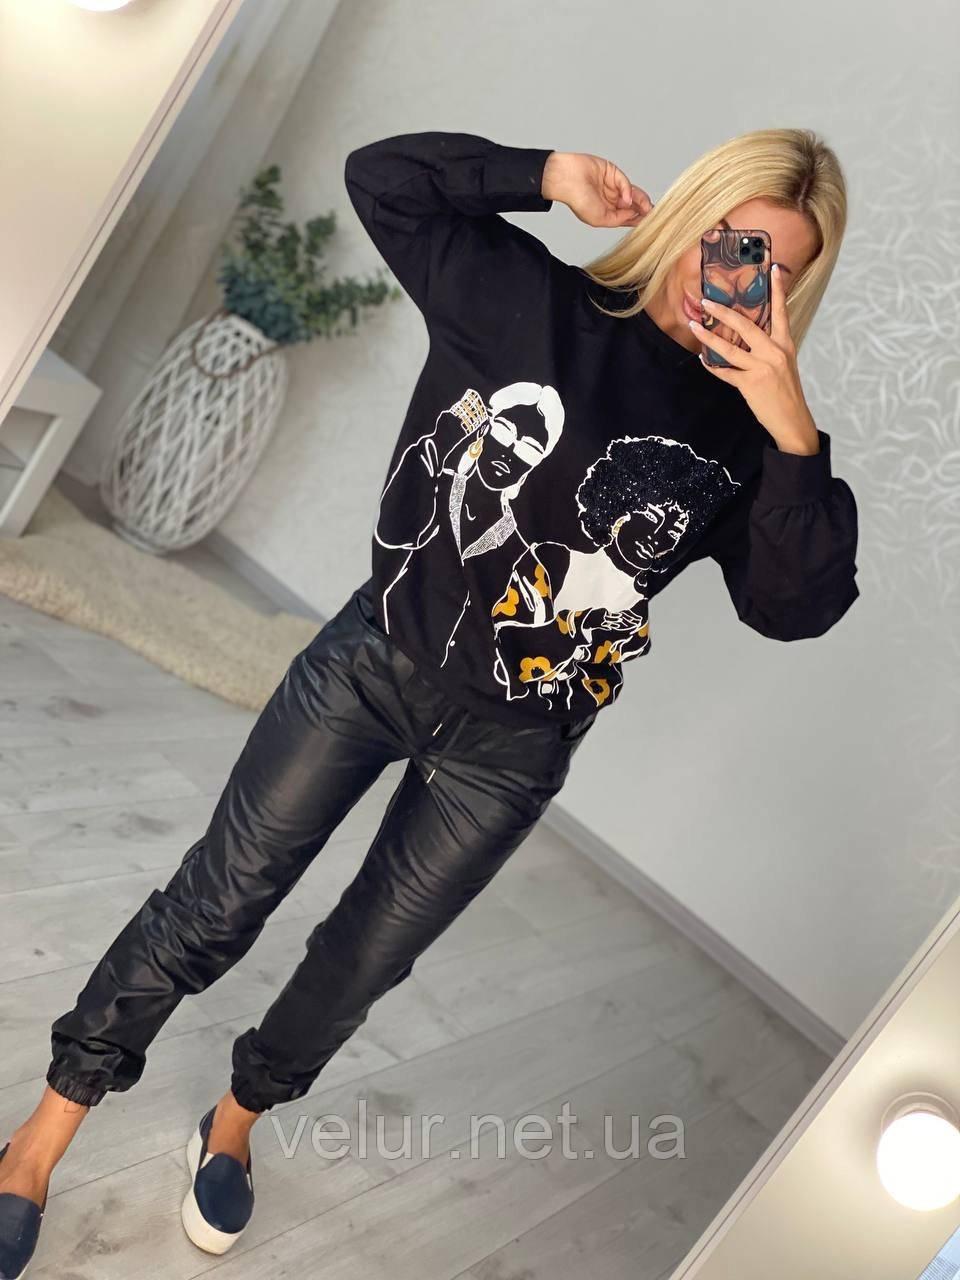 Женский спортивный трикотажный  костюм,брюки экокожа (Турция); Размеры:С,М,Л,ХЛ (полномерные)